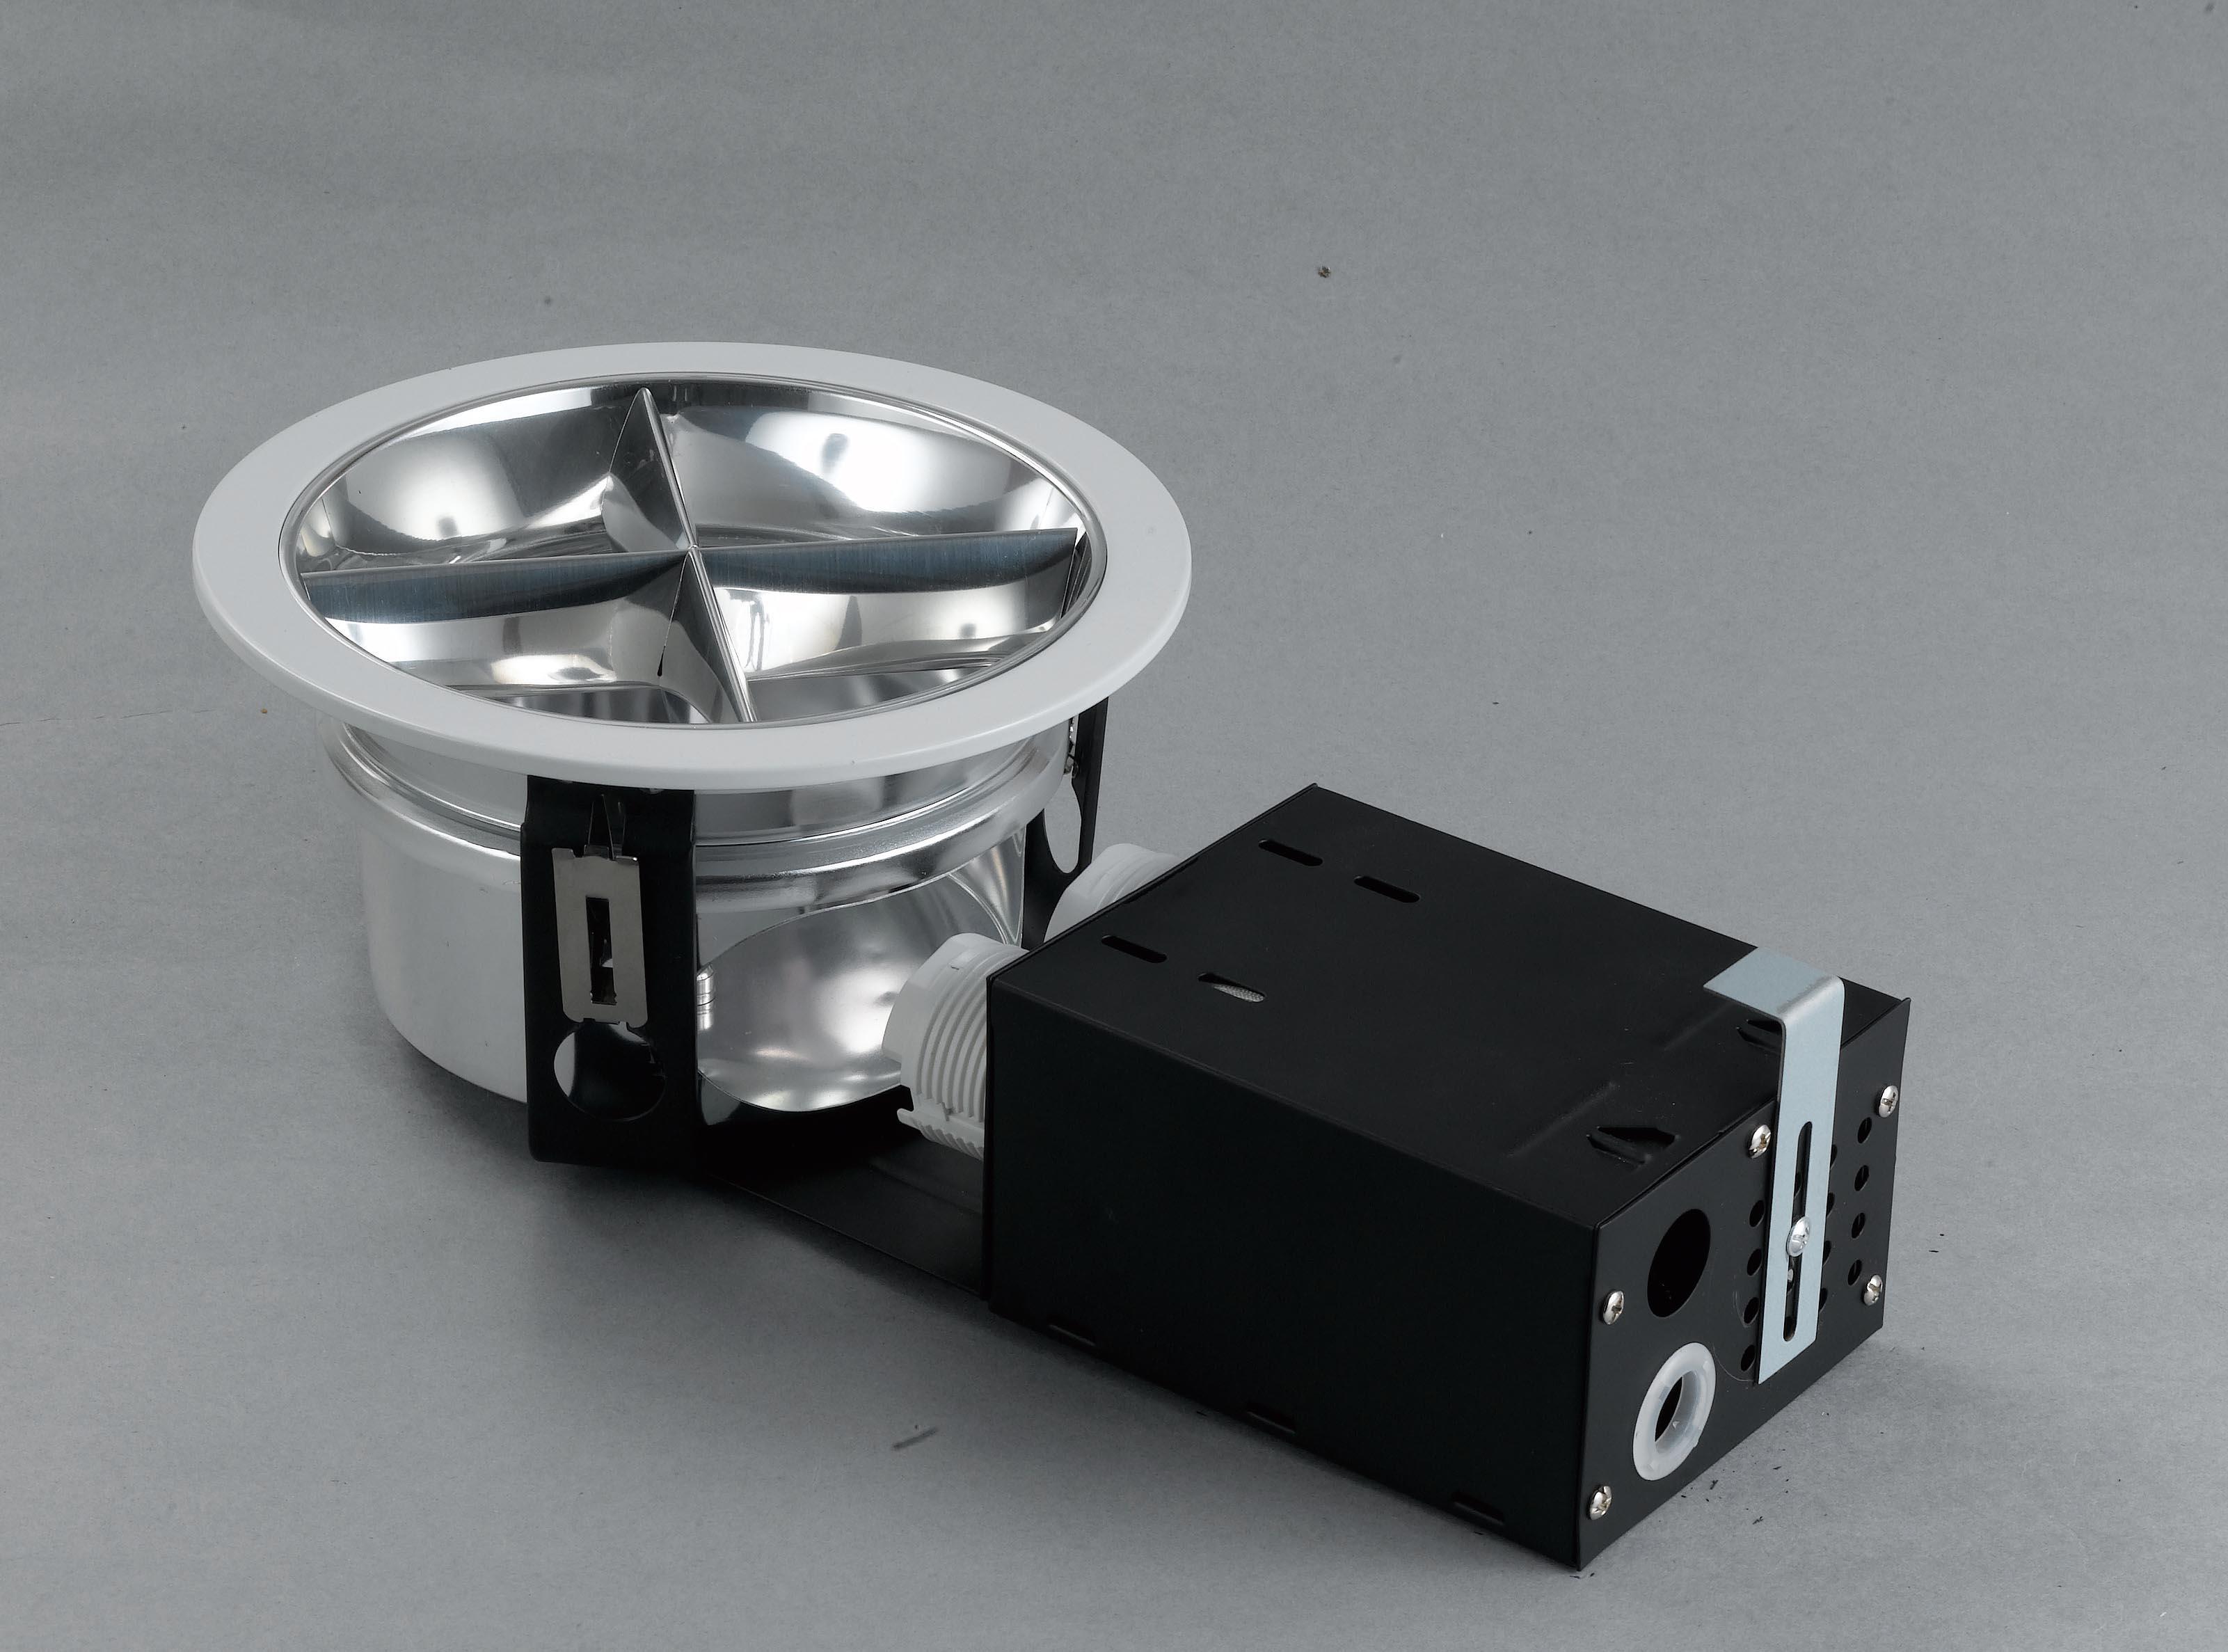 东俊照明 节能横插筒灯 4格栅 6/7/8寸dj1000-6c